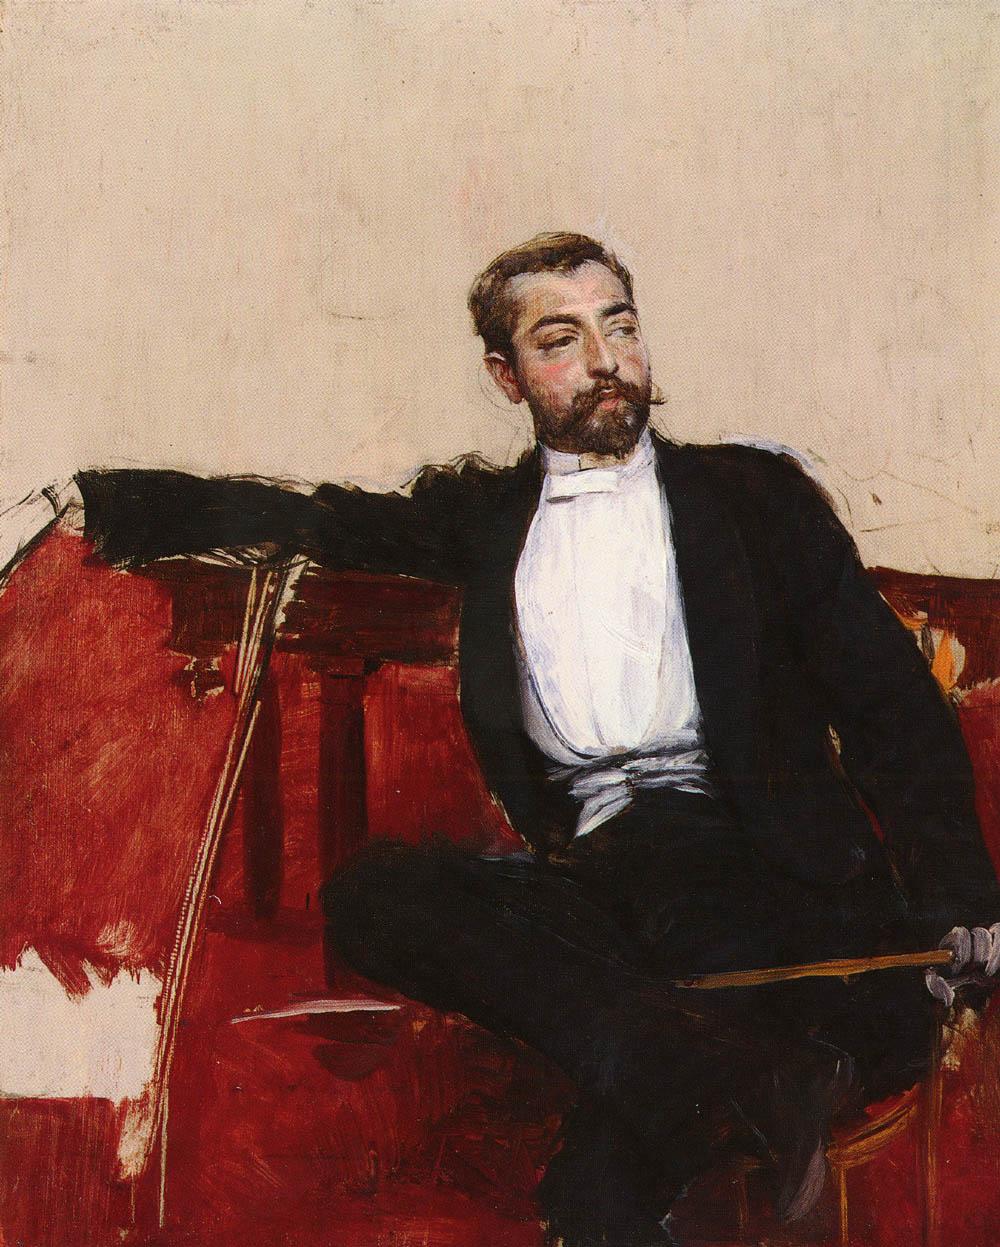 Good Wallpaper Horse Portrait - A_Portrait_of_John_Singer_Sargent  Pictures_56941.jpg